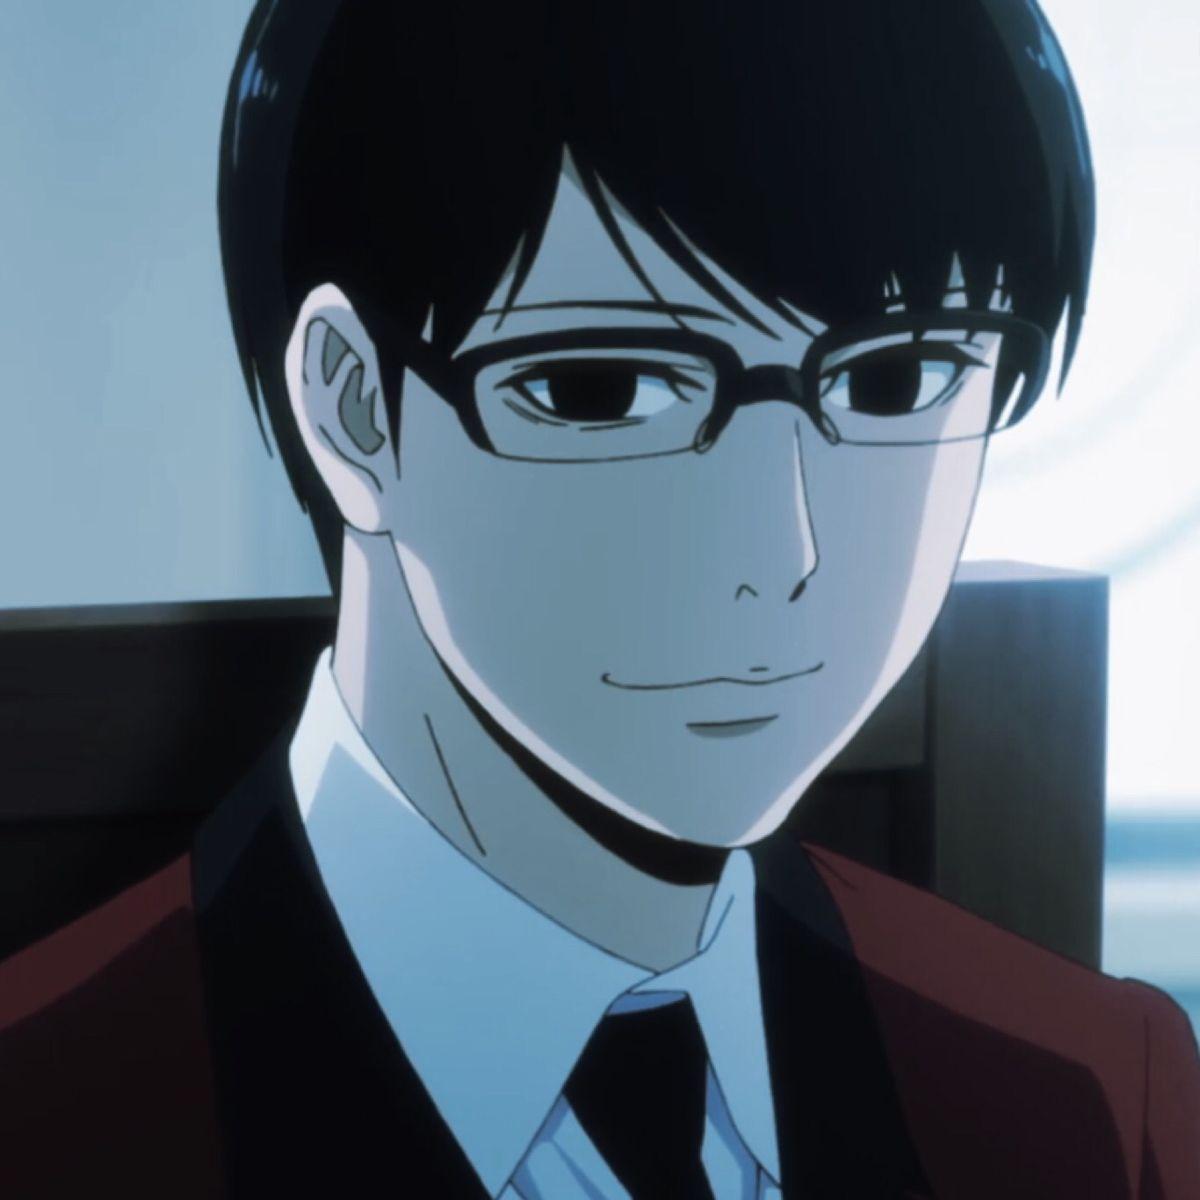 𝑲𝒂𝒆𝒅𝒆 𝑴𝒂𝒏𝒚𝒖𝒅𝒂   Anime, Anime love, Anime art